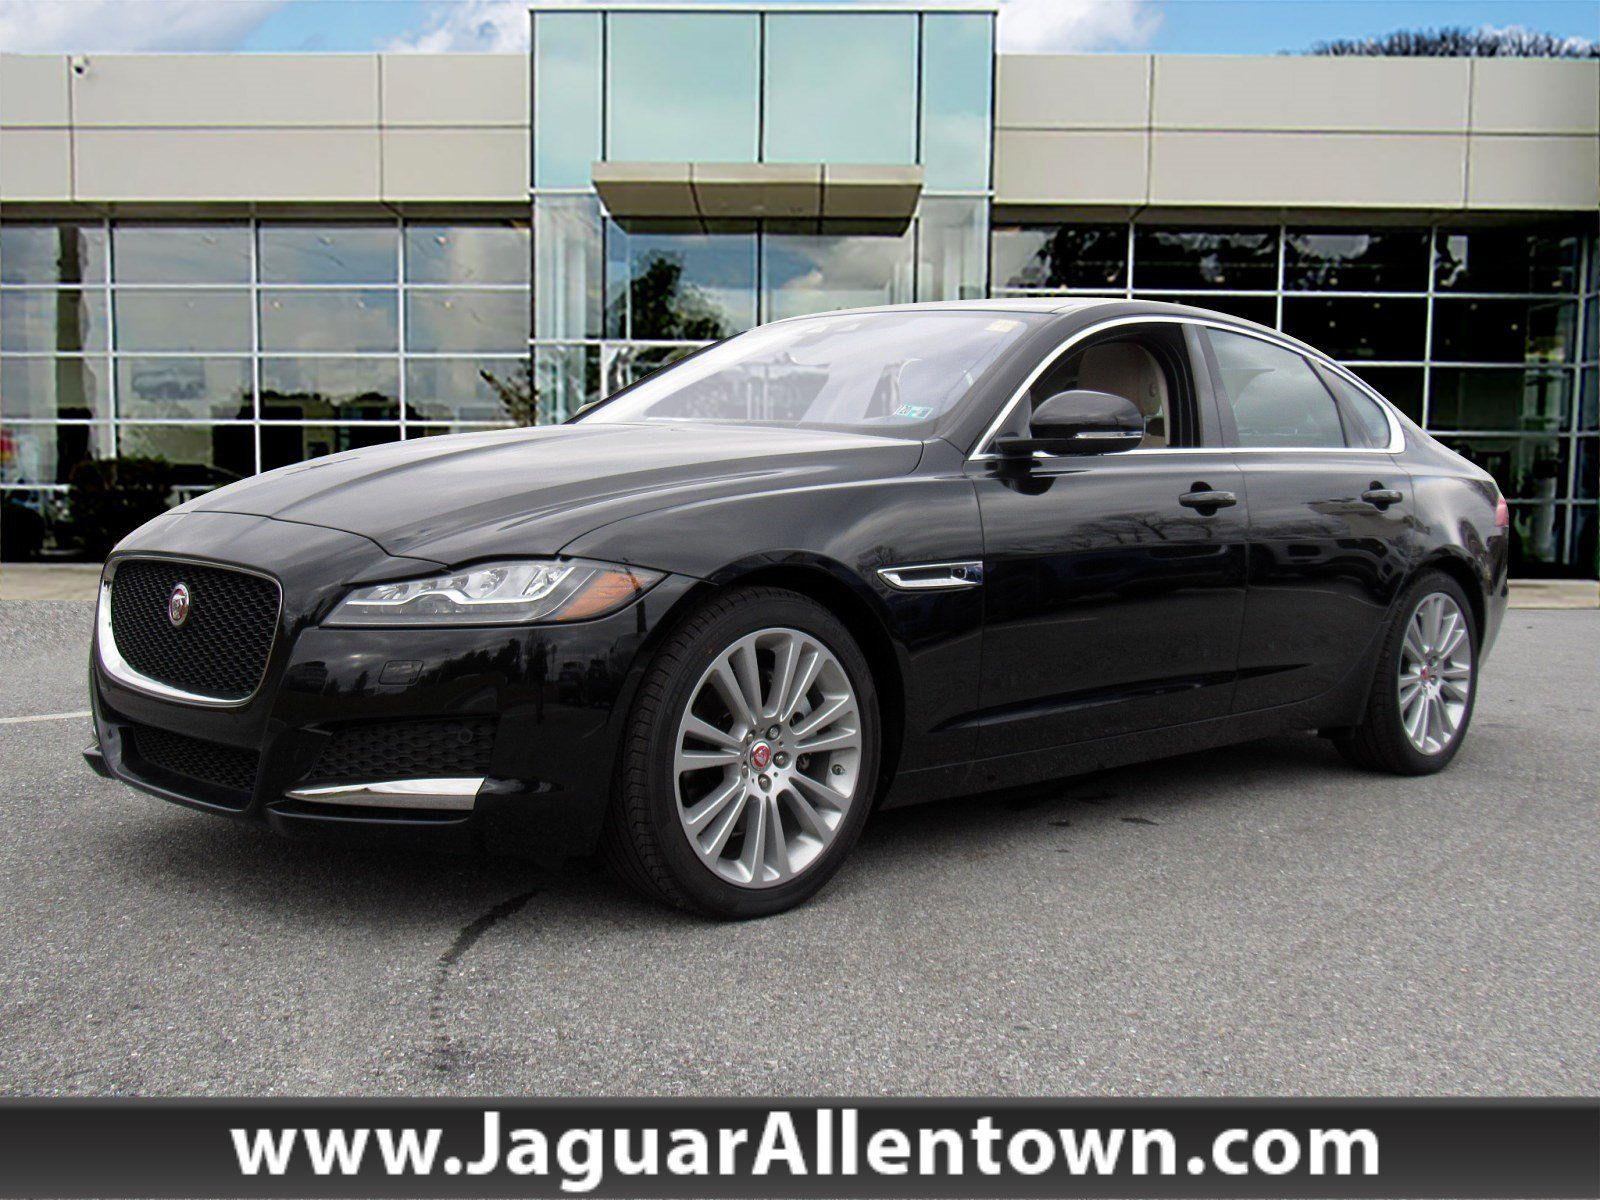 Jaguar Xf 2020 In 2020 Jaguar Xf New Jaguar Jaguar